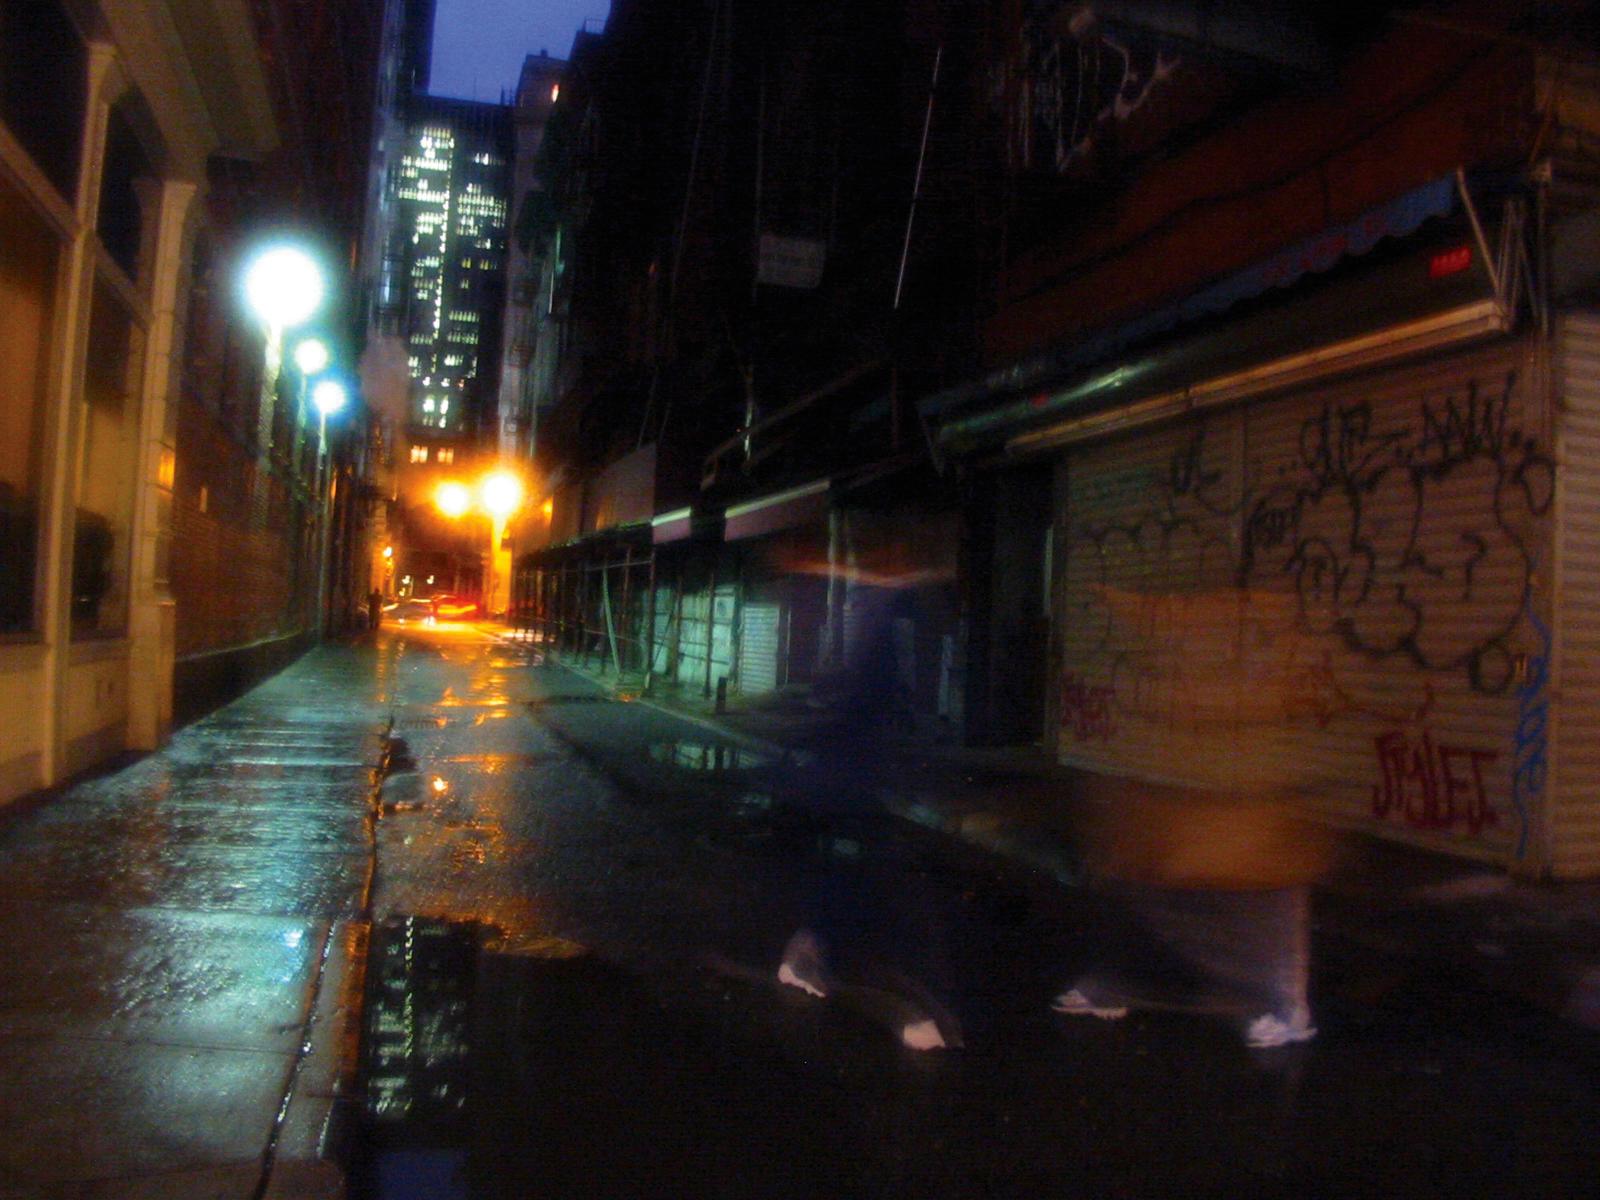 Mercer Street, New York City